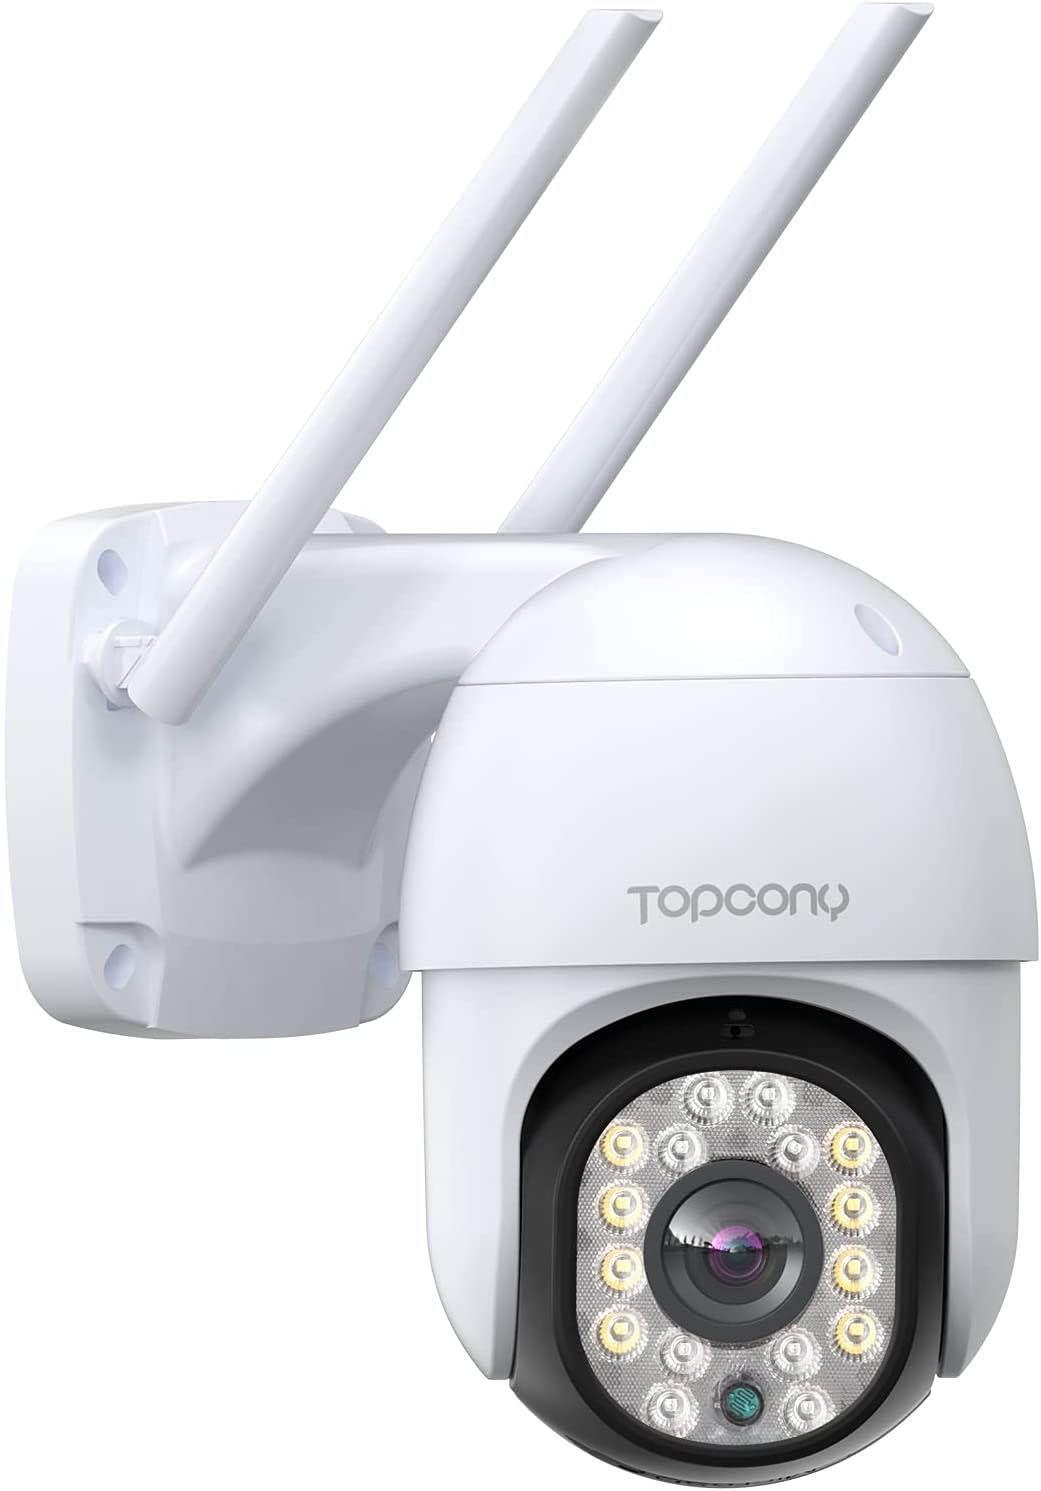 Topcony IP Camera